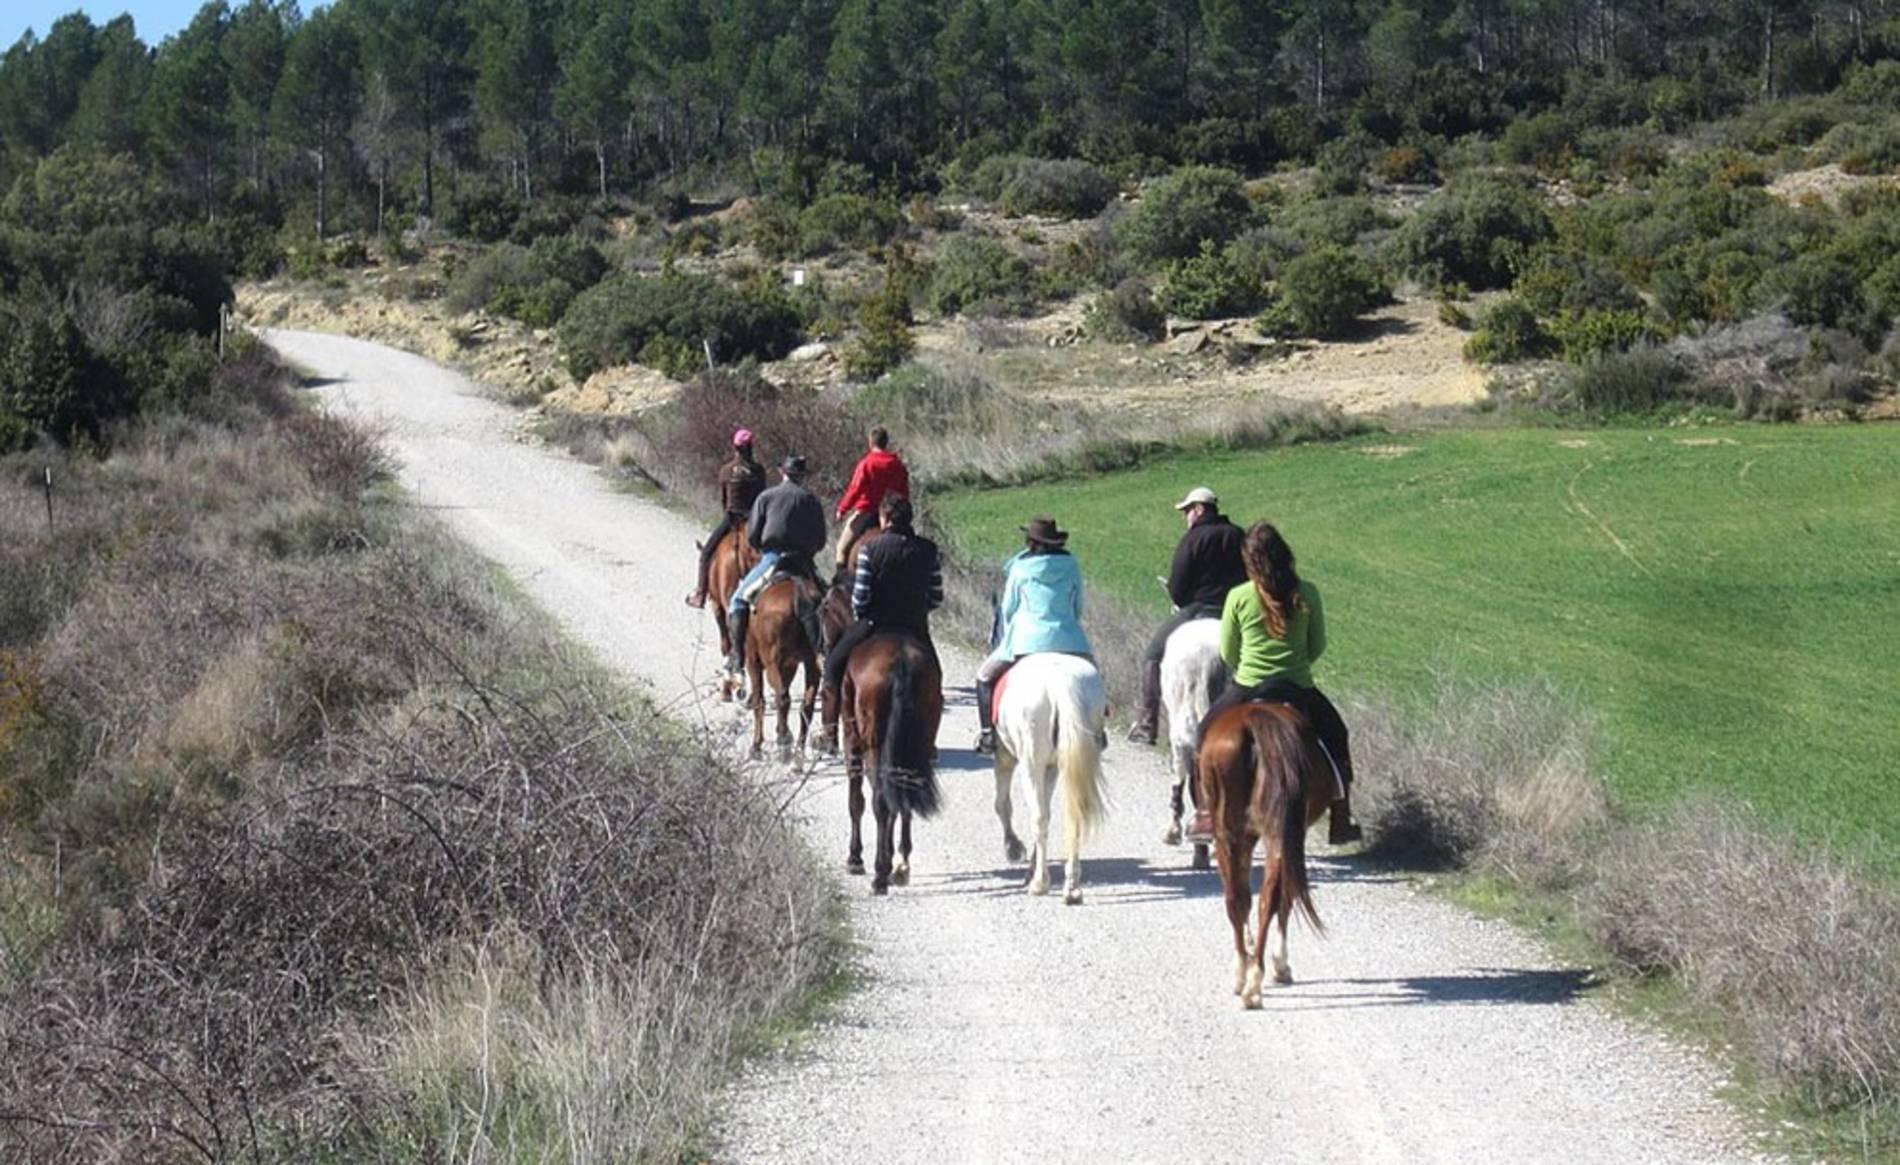 Fotos de los lectores de las Javieradas 2014 (1/31) - Imágenes enviadas por los lectores de Diario de Navarra de las Javieradas 2014. - Navarra -